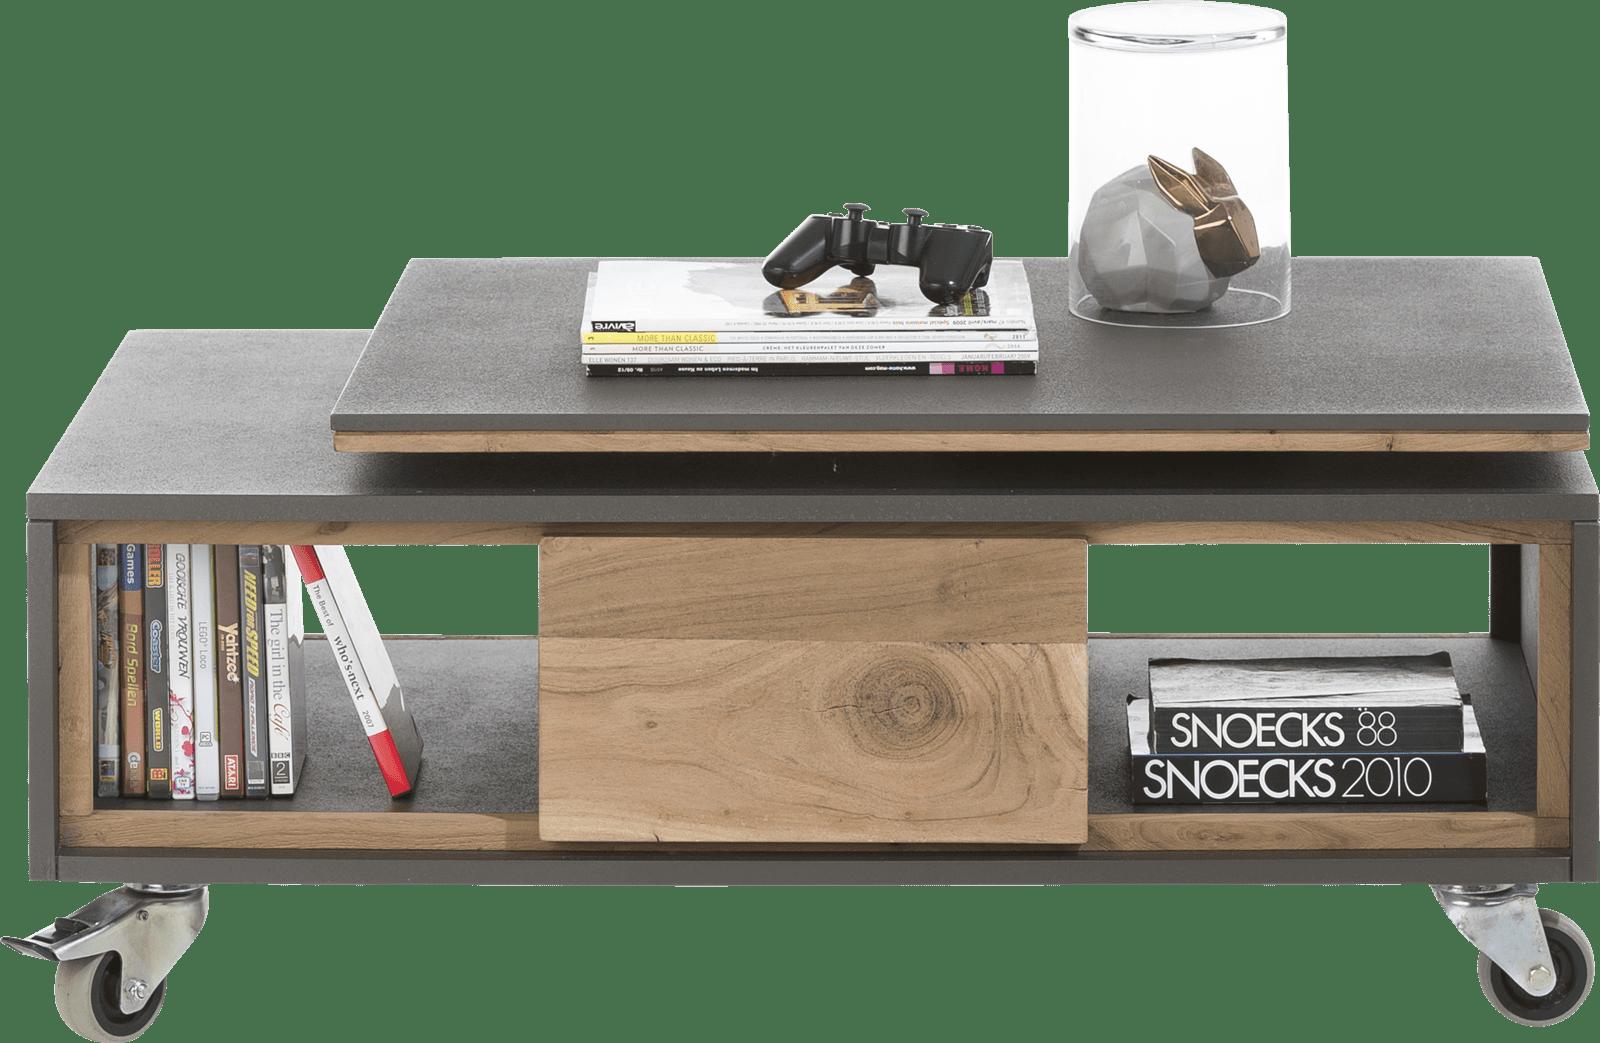 Plateau De Table En Pierre Naturelle cenon table basse 100 x 60 cm + 2-niches avec plateau tournant